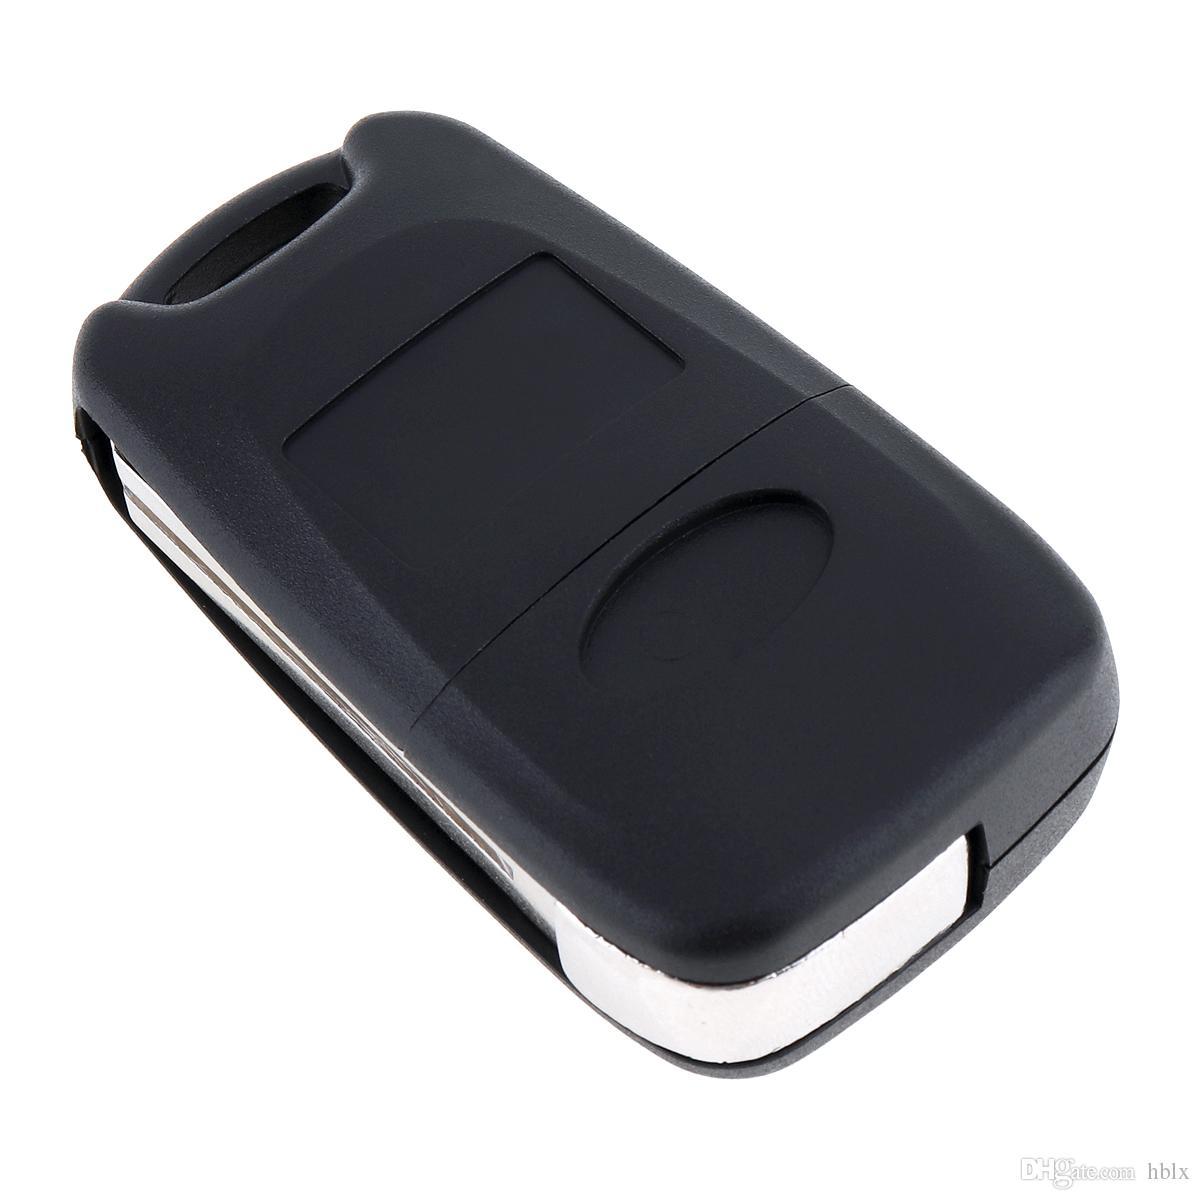 Black Uncut Blade 3 Buttons Flip Remote Key Shell No Chip For Kia Car Keys CIA_402